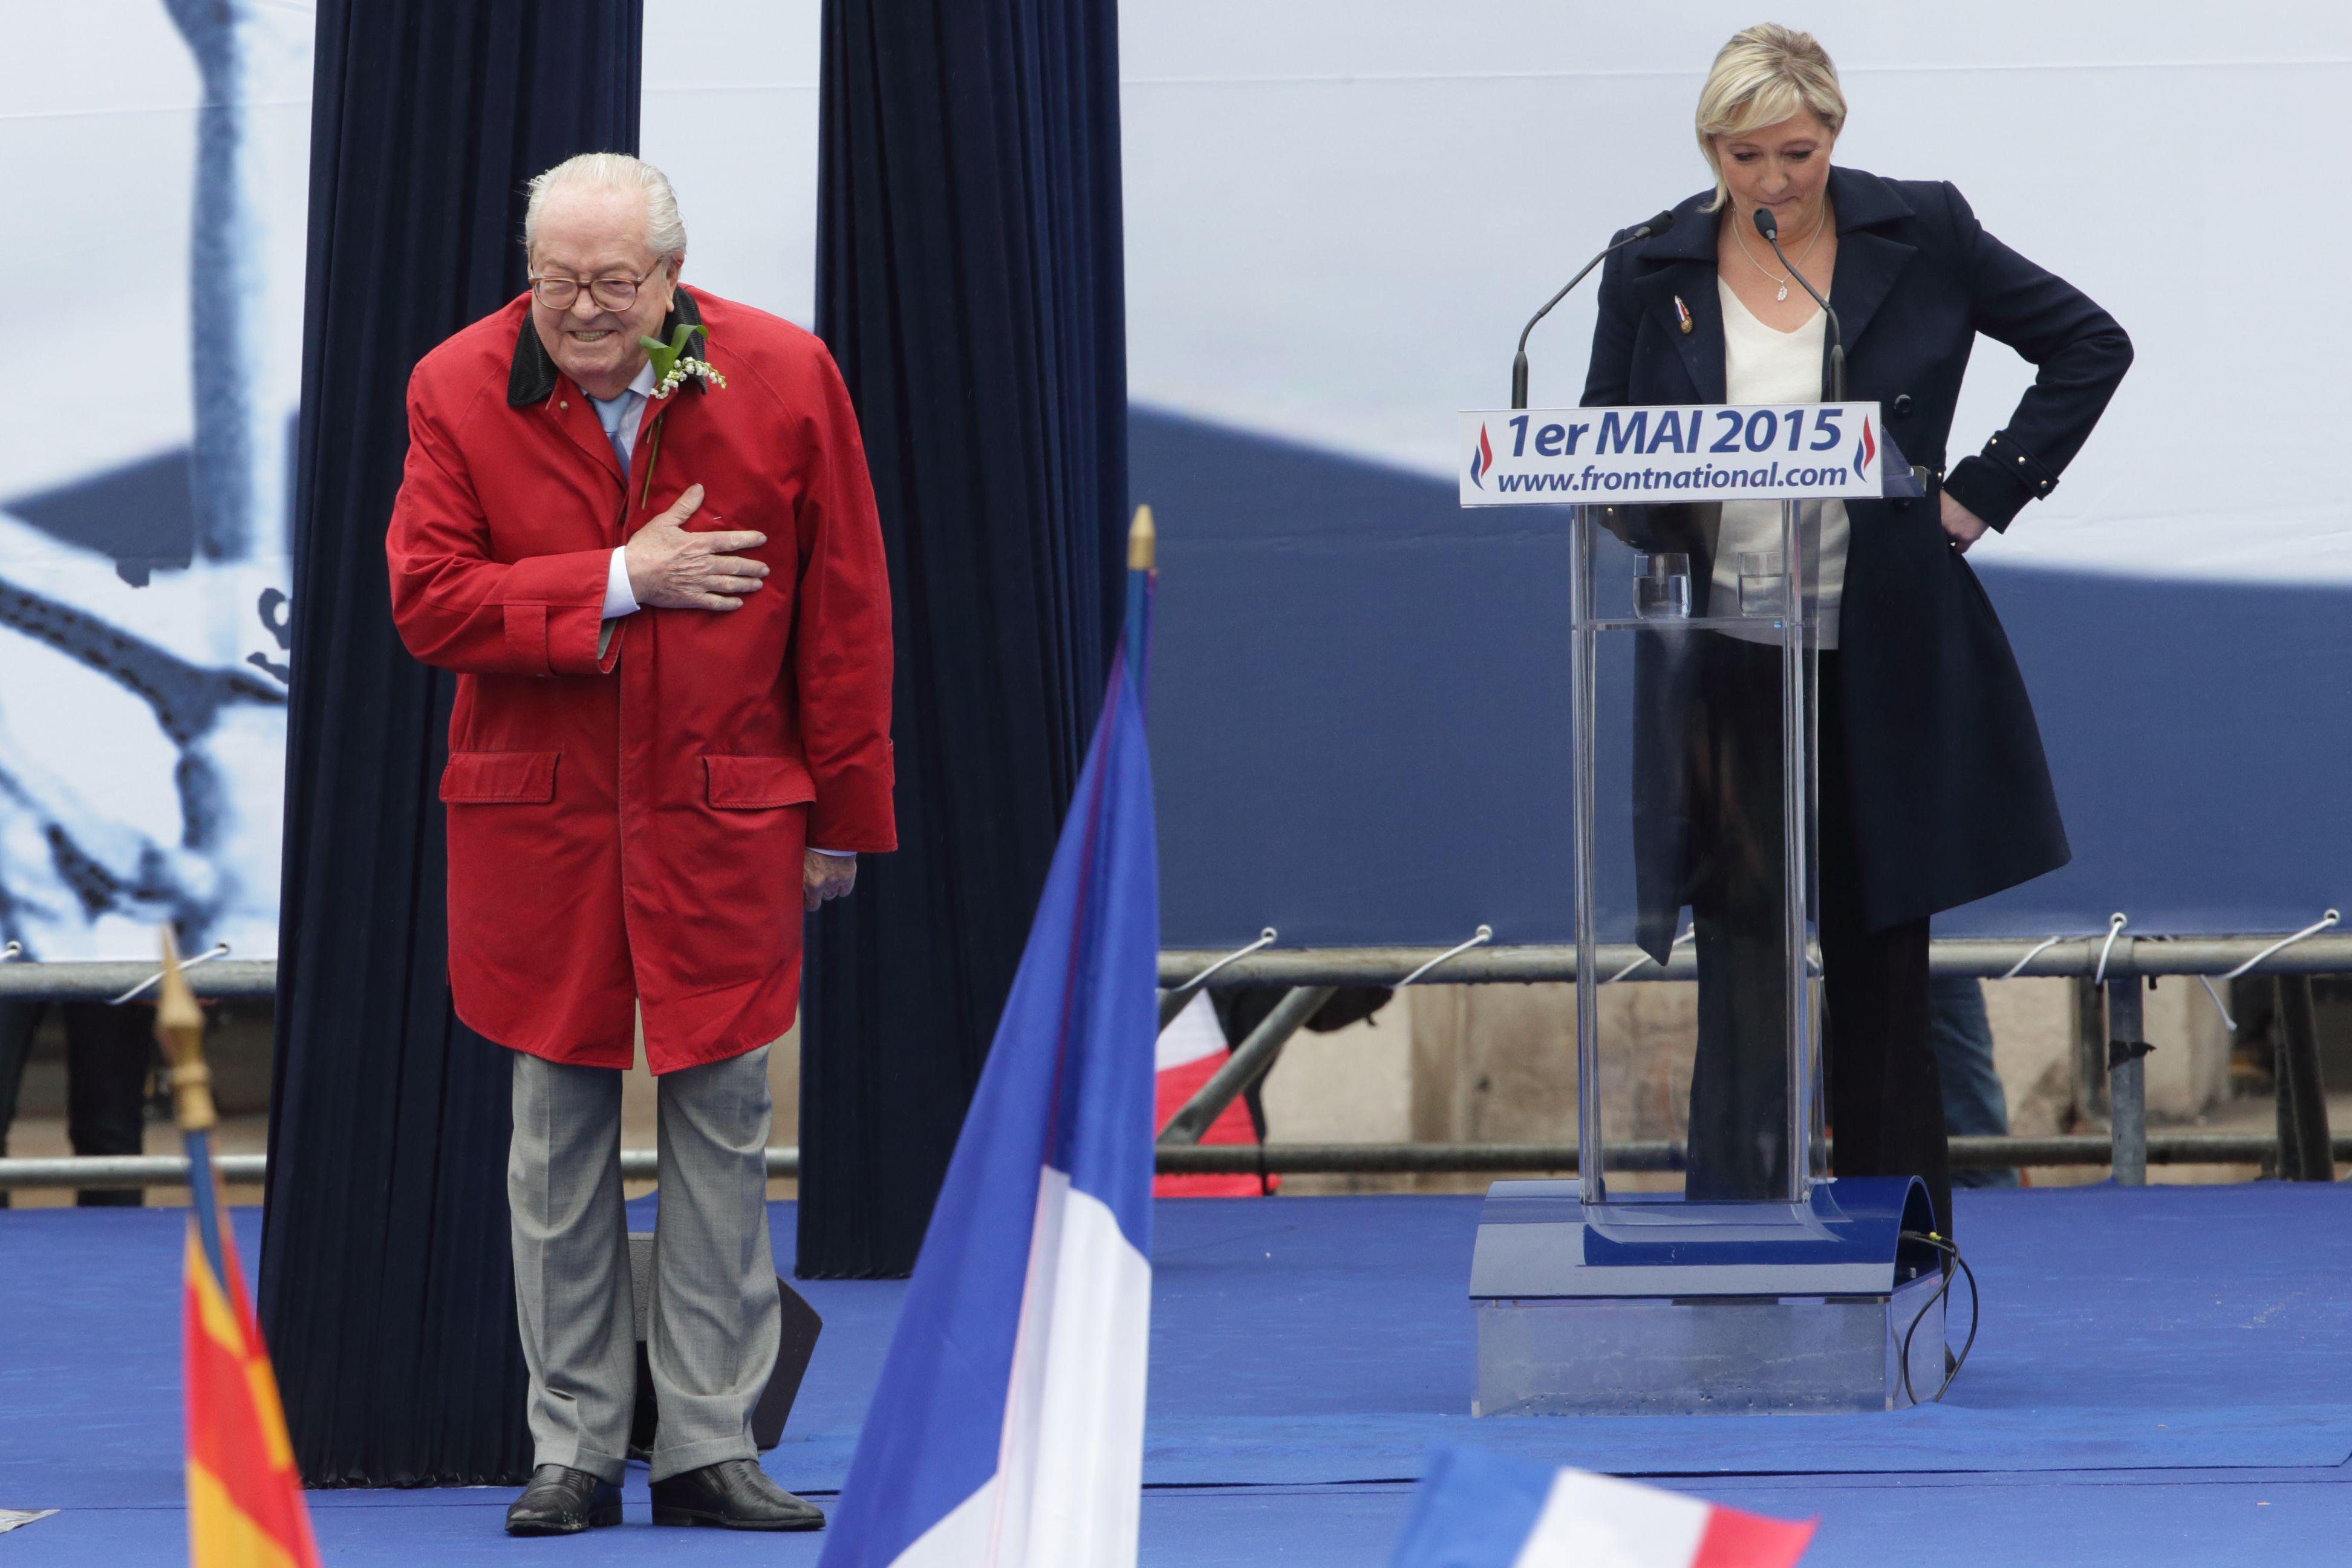 Jean-Marie Le Pen a été exclu du parti qu'il a fondé en 1972.